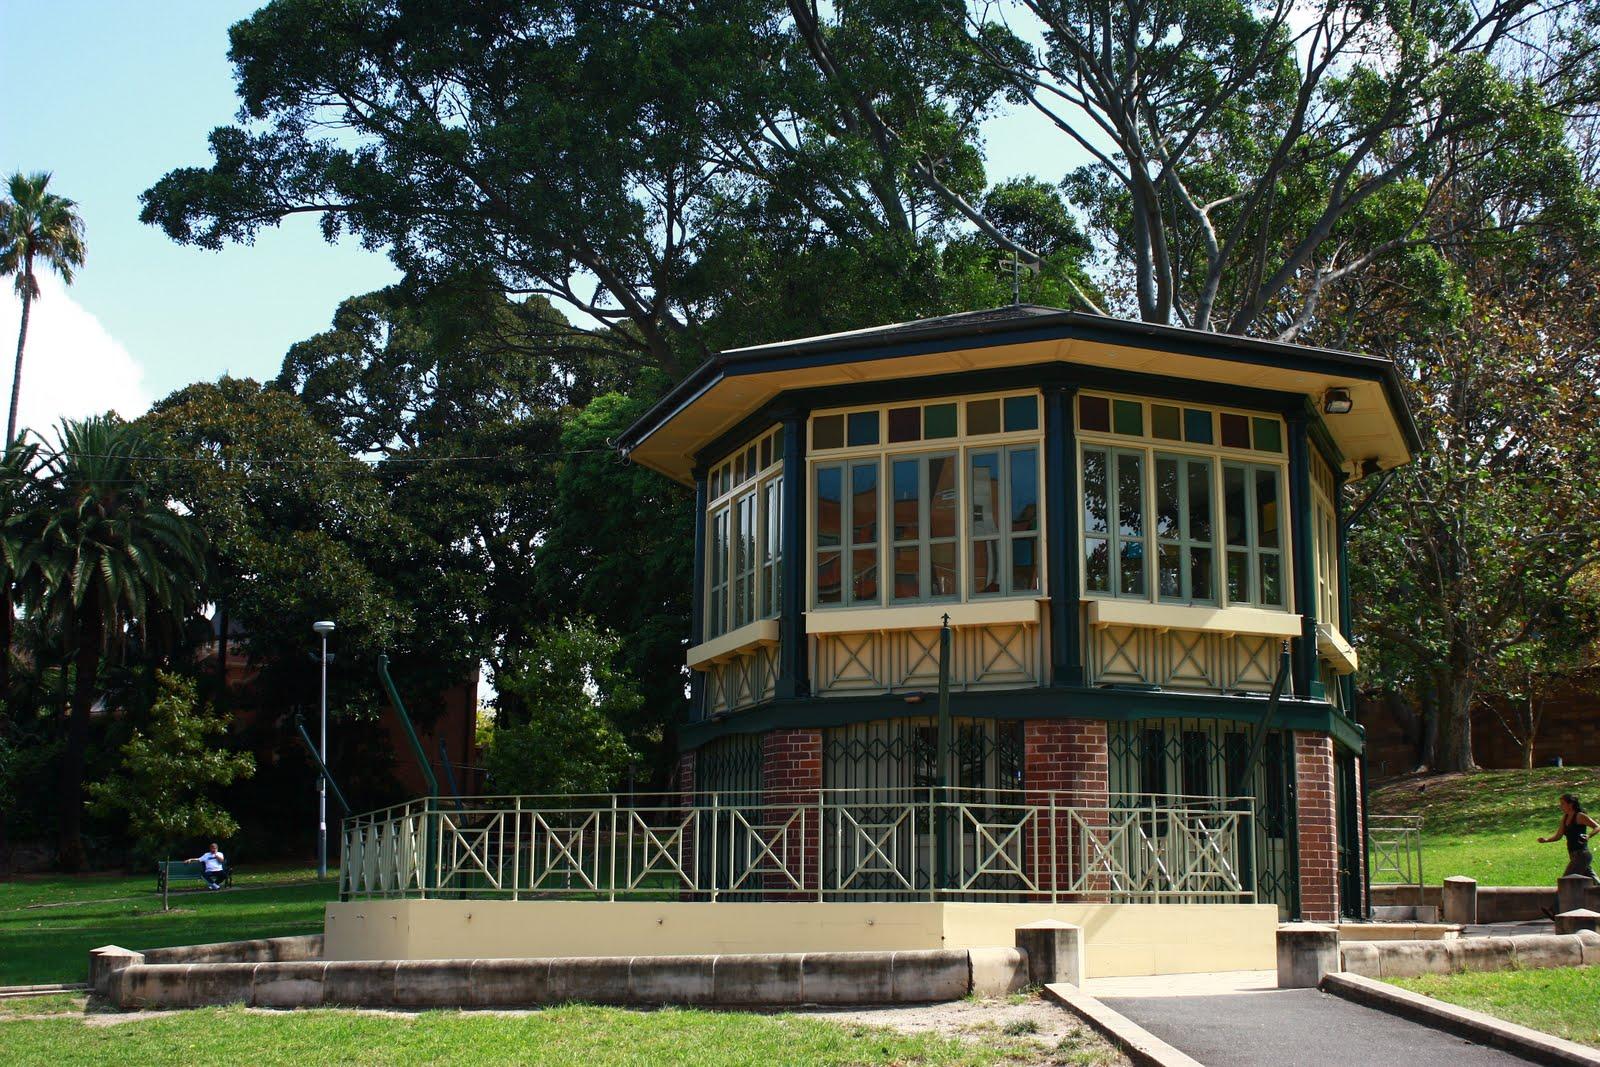 sydney eye green park hotel. Black Bedroom Furniture Sets. Home Design Ideas